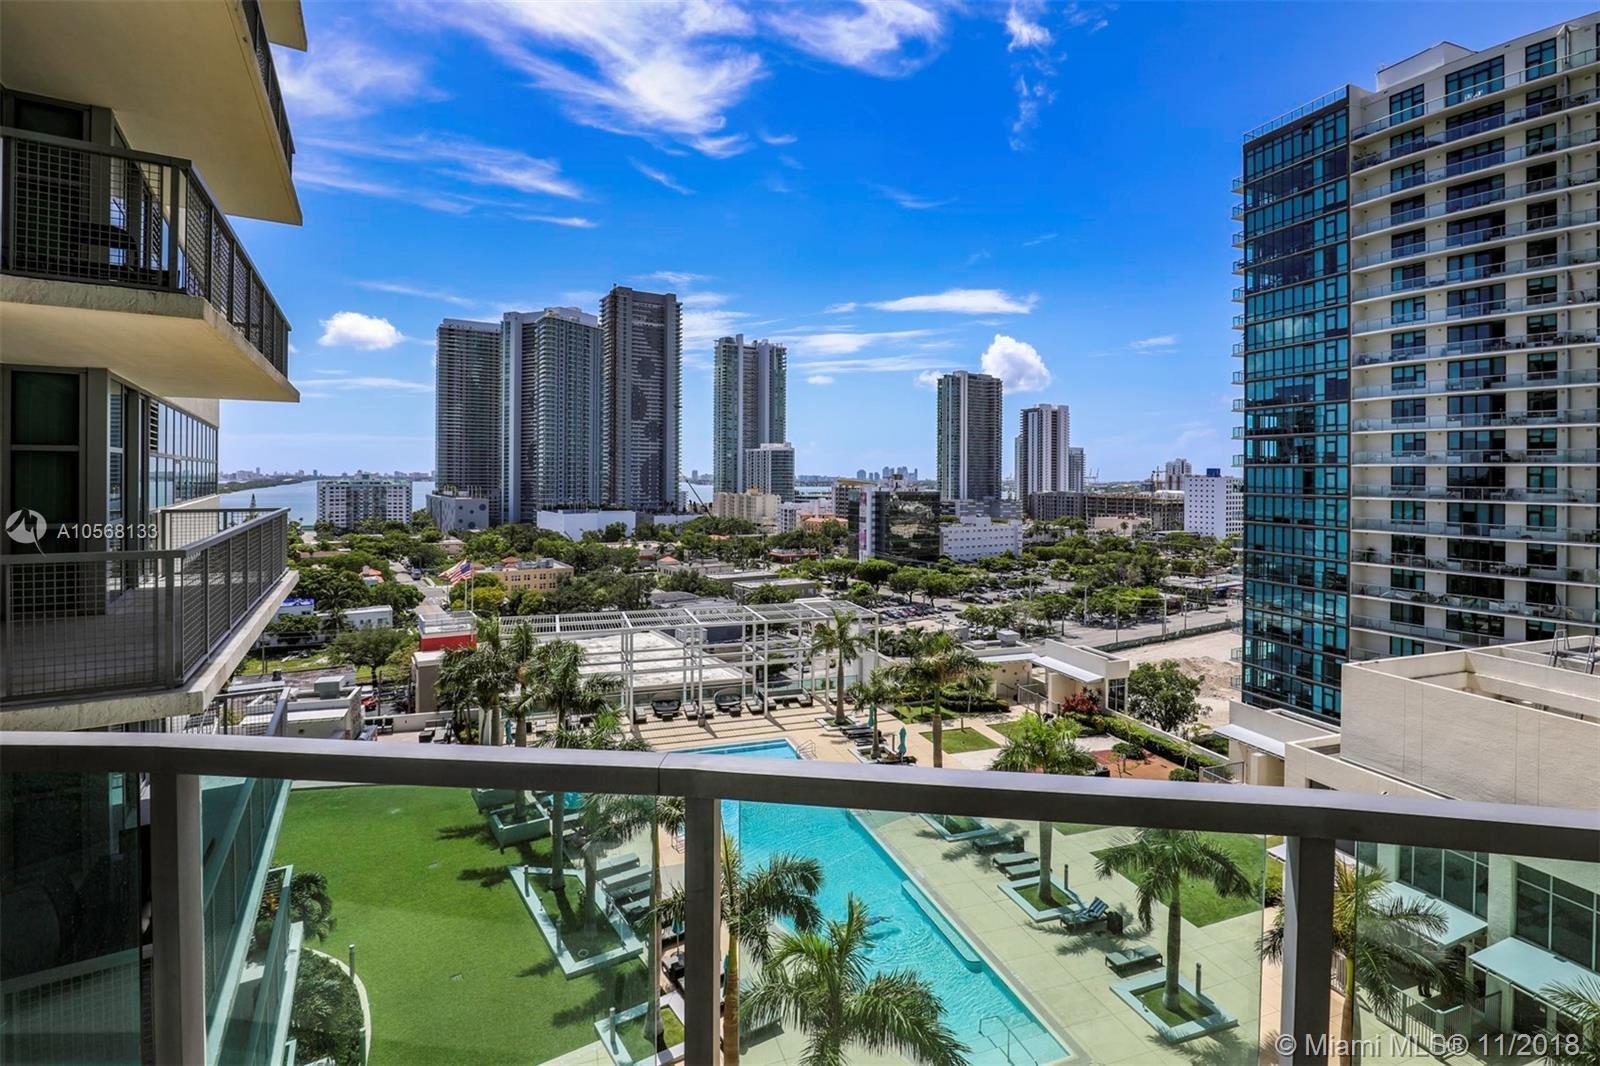 3301 NE 1 Avenue #H1208, Miami, FL 33137 - #: A10568133